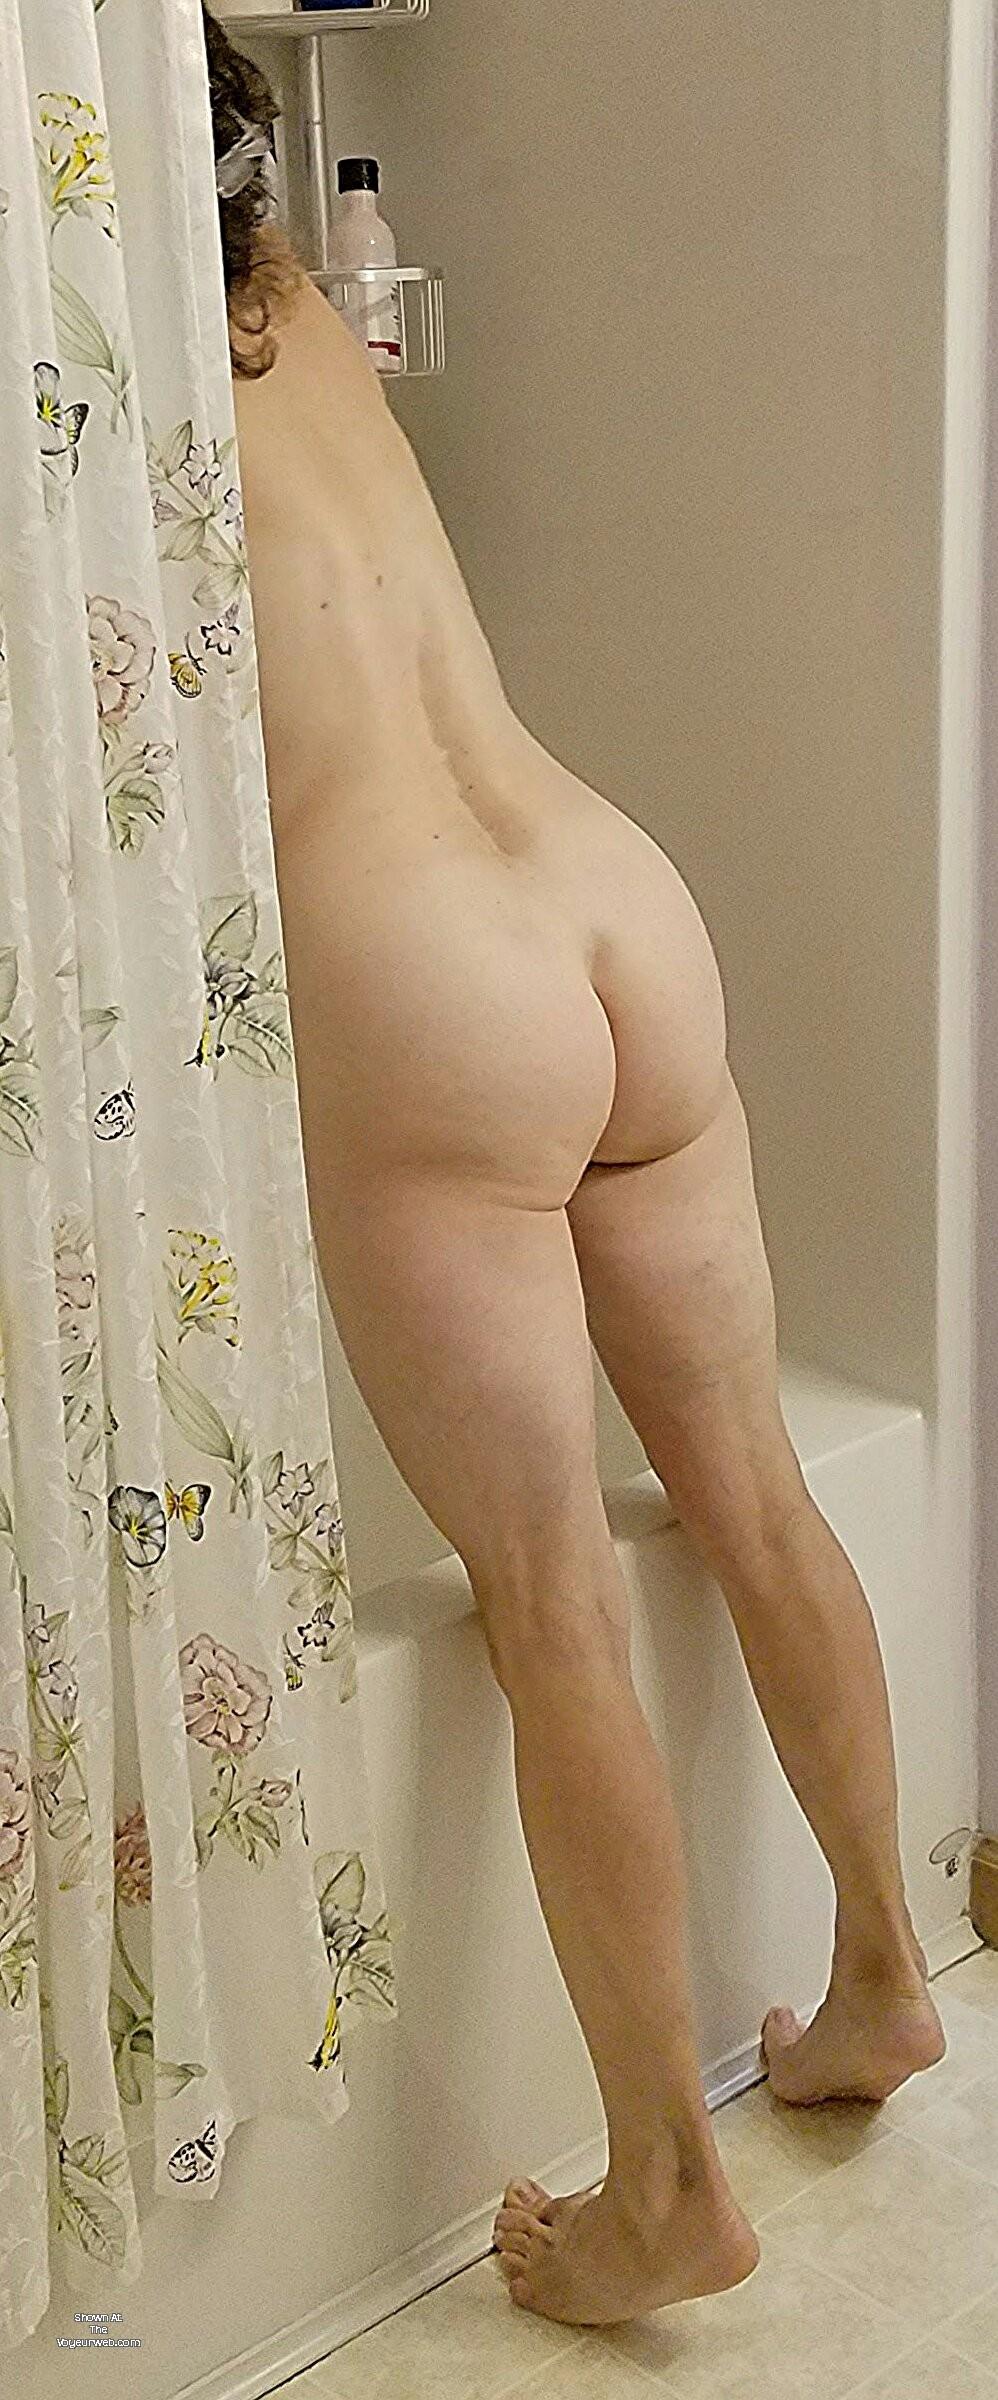 Flogged mature cunt ass